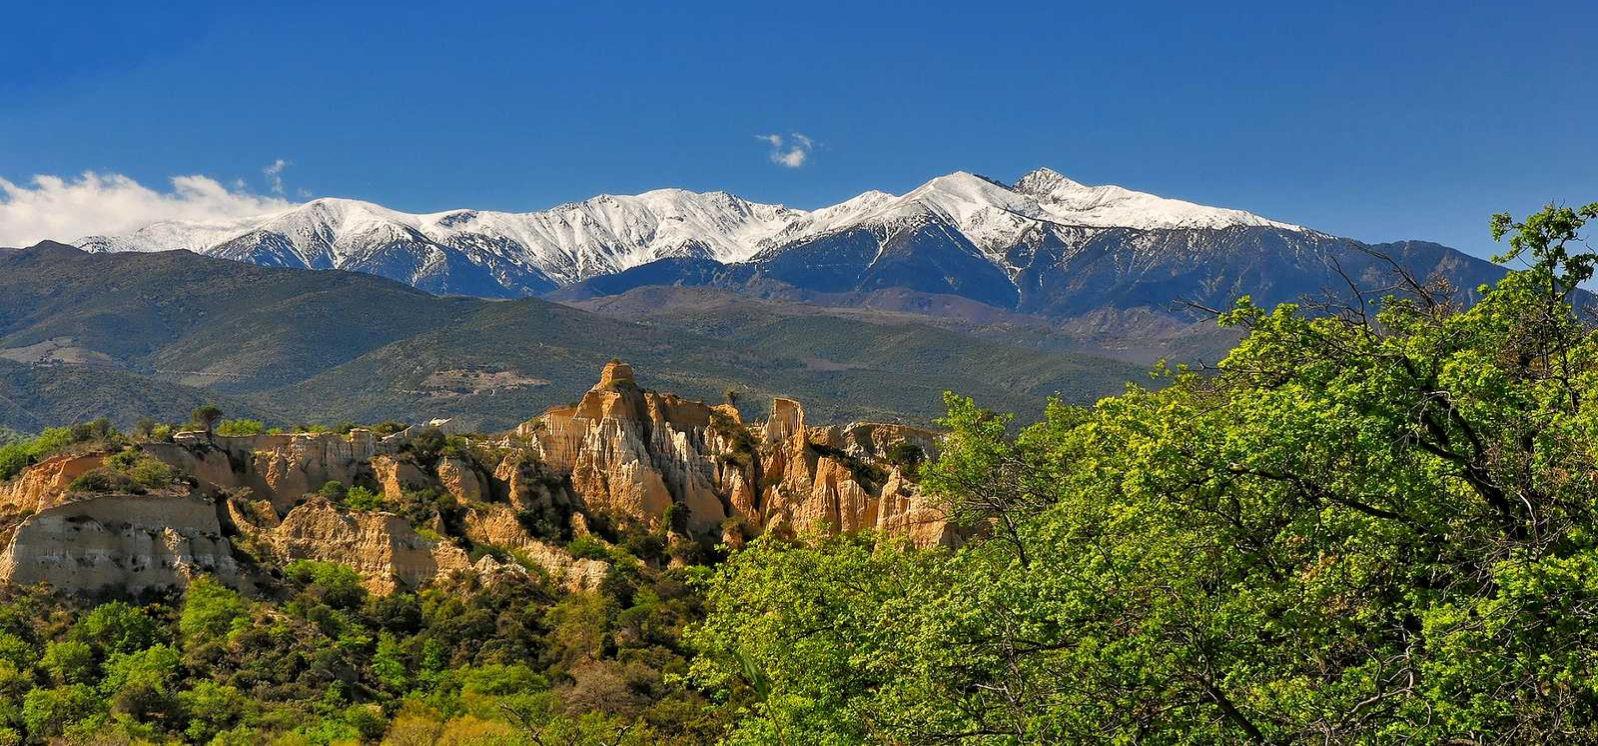 Tourisme & Loisirs Pyrénées Orientales